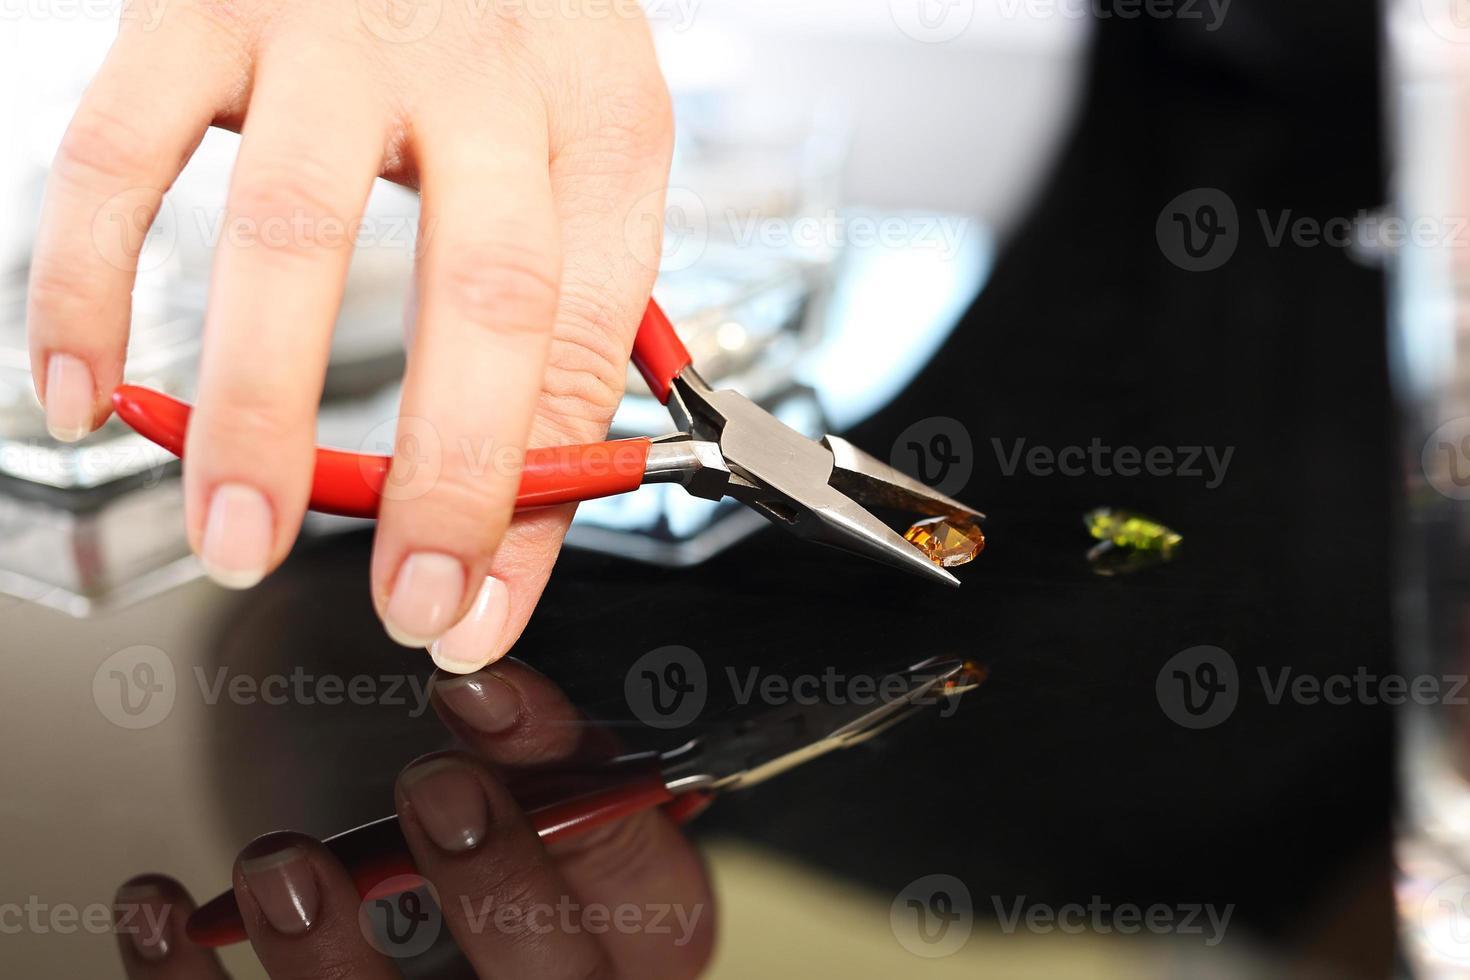 maak een barnsteenketting in een sieradenatelier foto